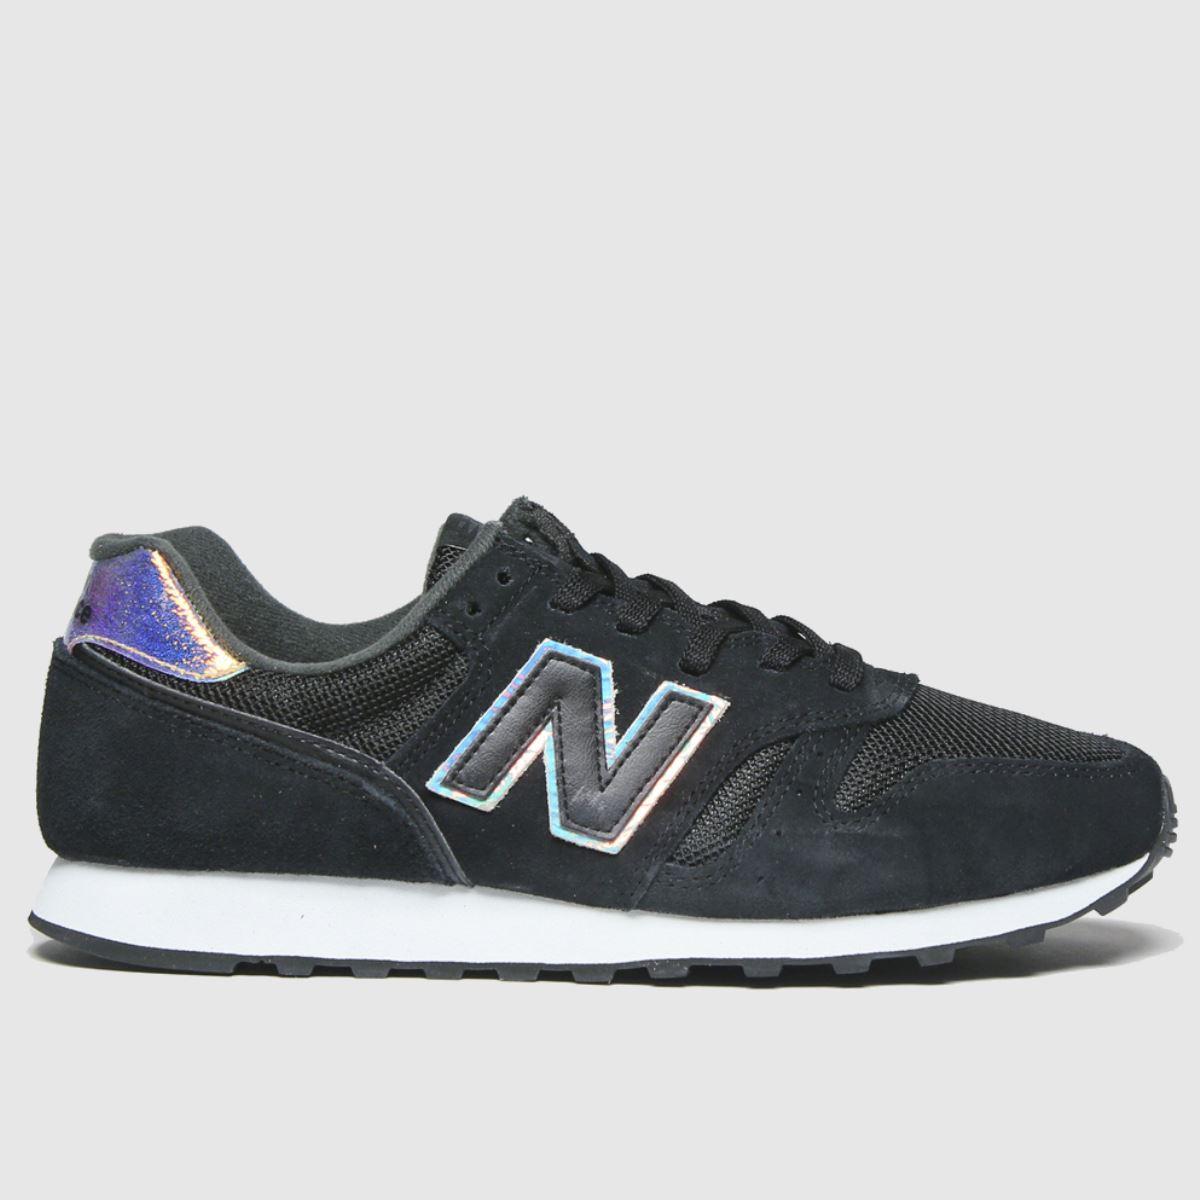 New balance black & white 373 iridescent trainers